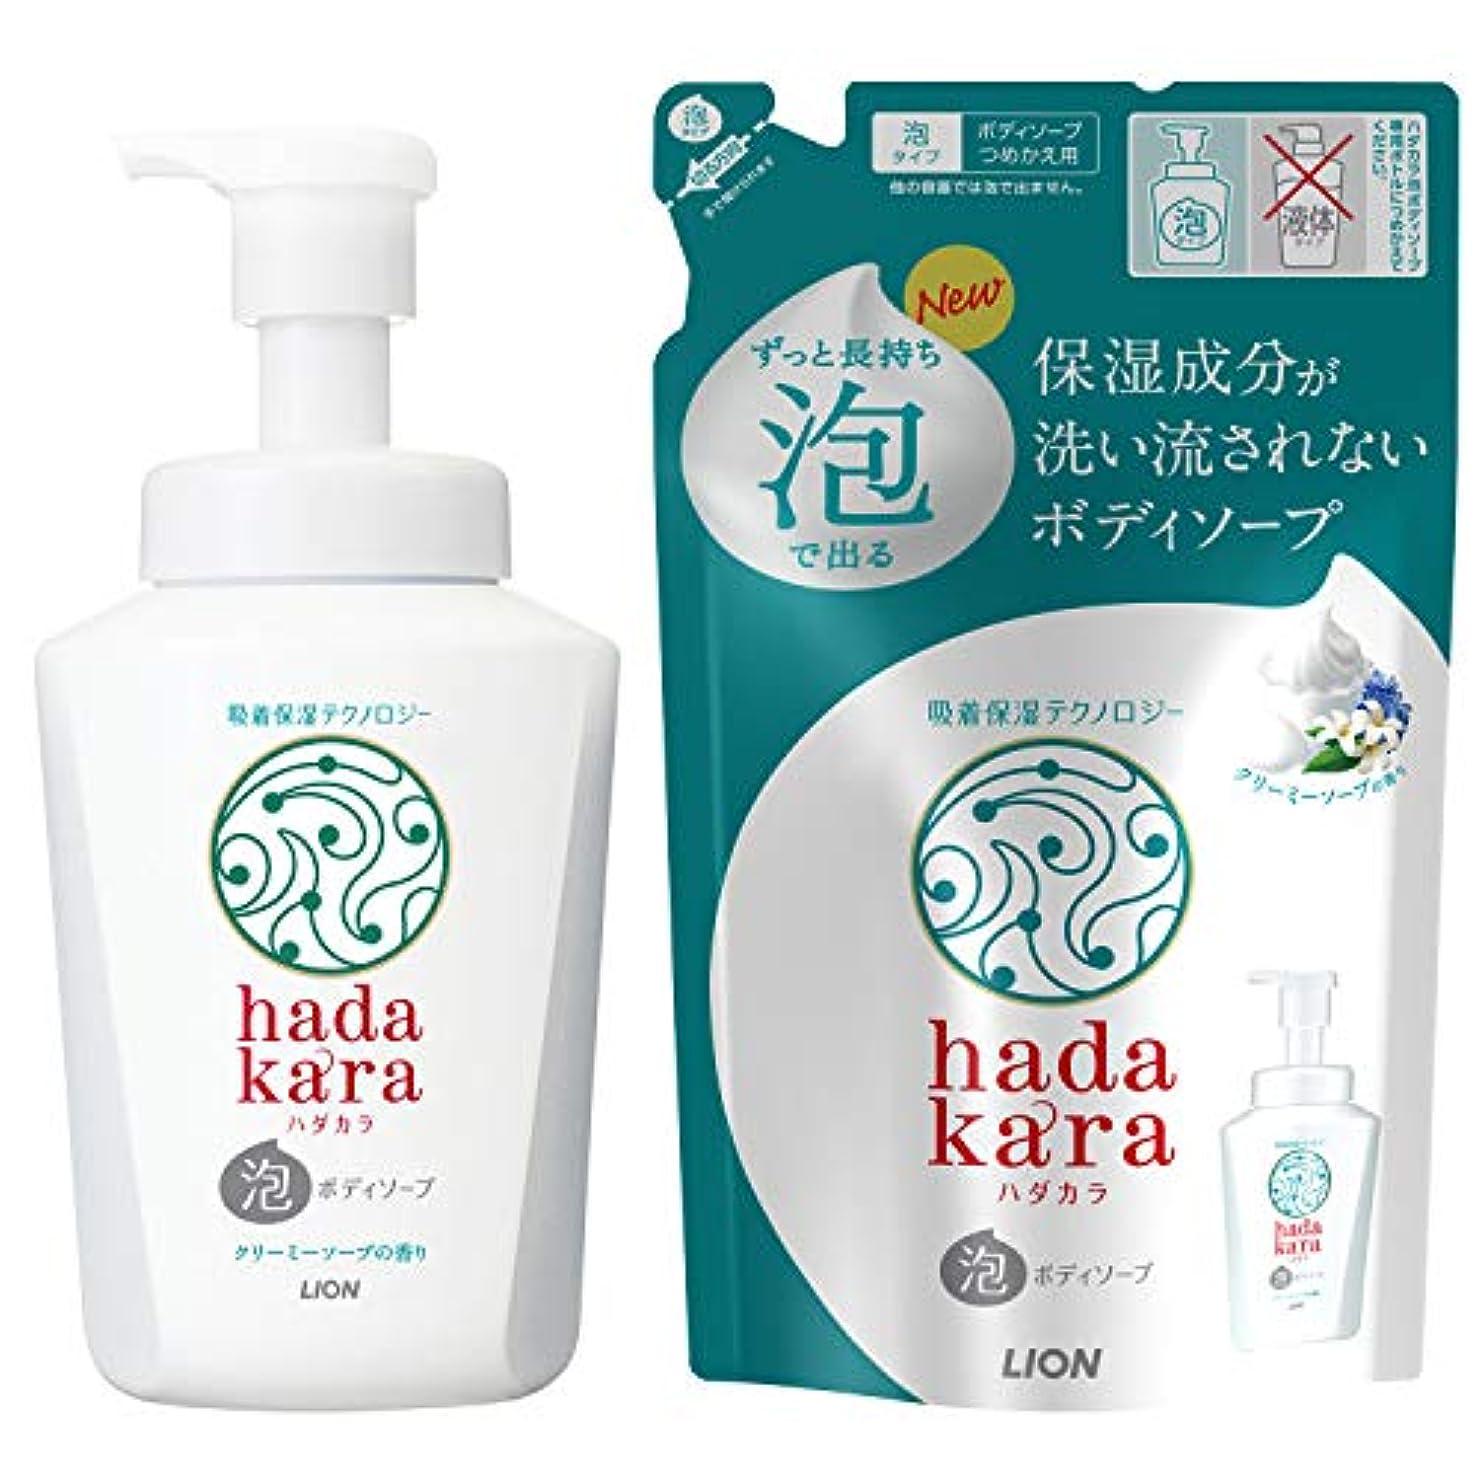 安心貞パウダーhadakara(ハダカラ) ボディソープ 泡タイプ クリーミーソープの香り 本体550ml+詰替440ml